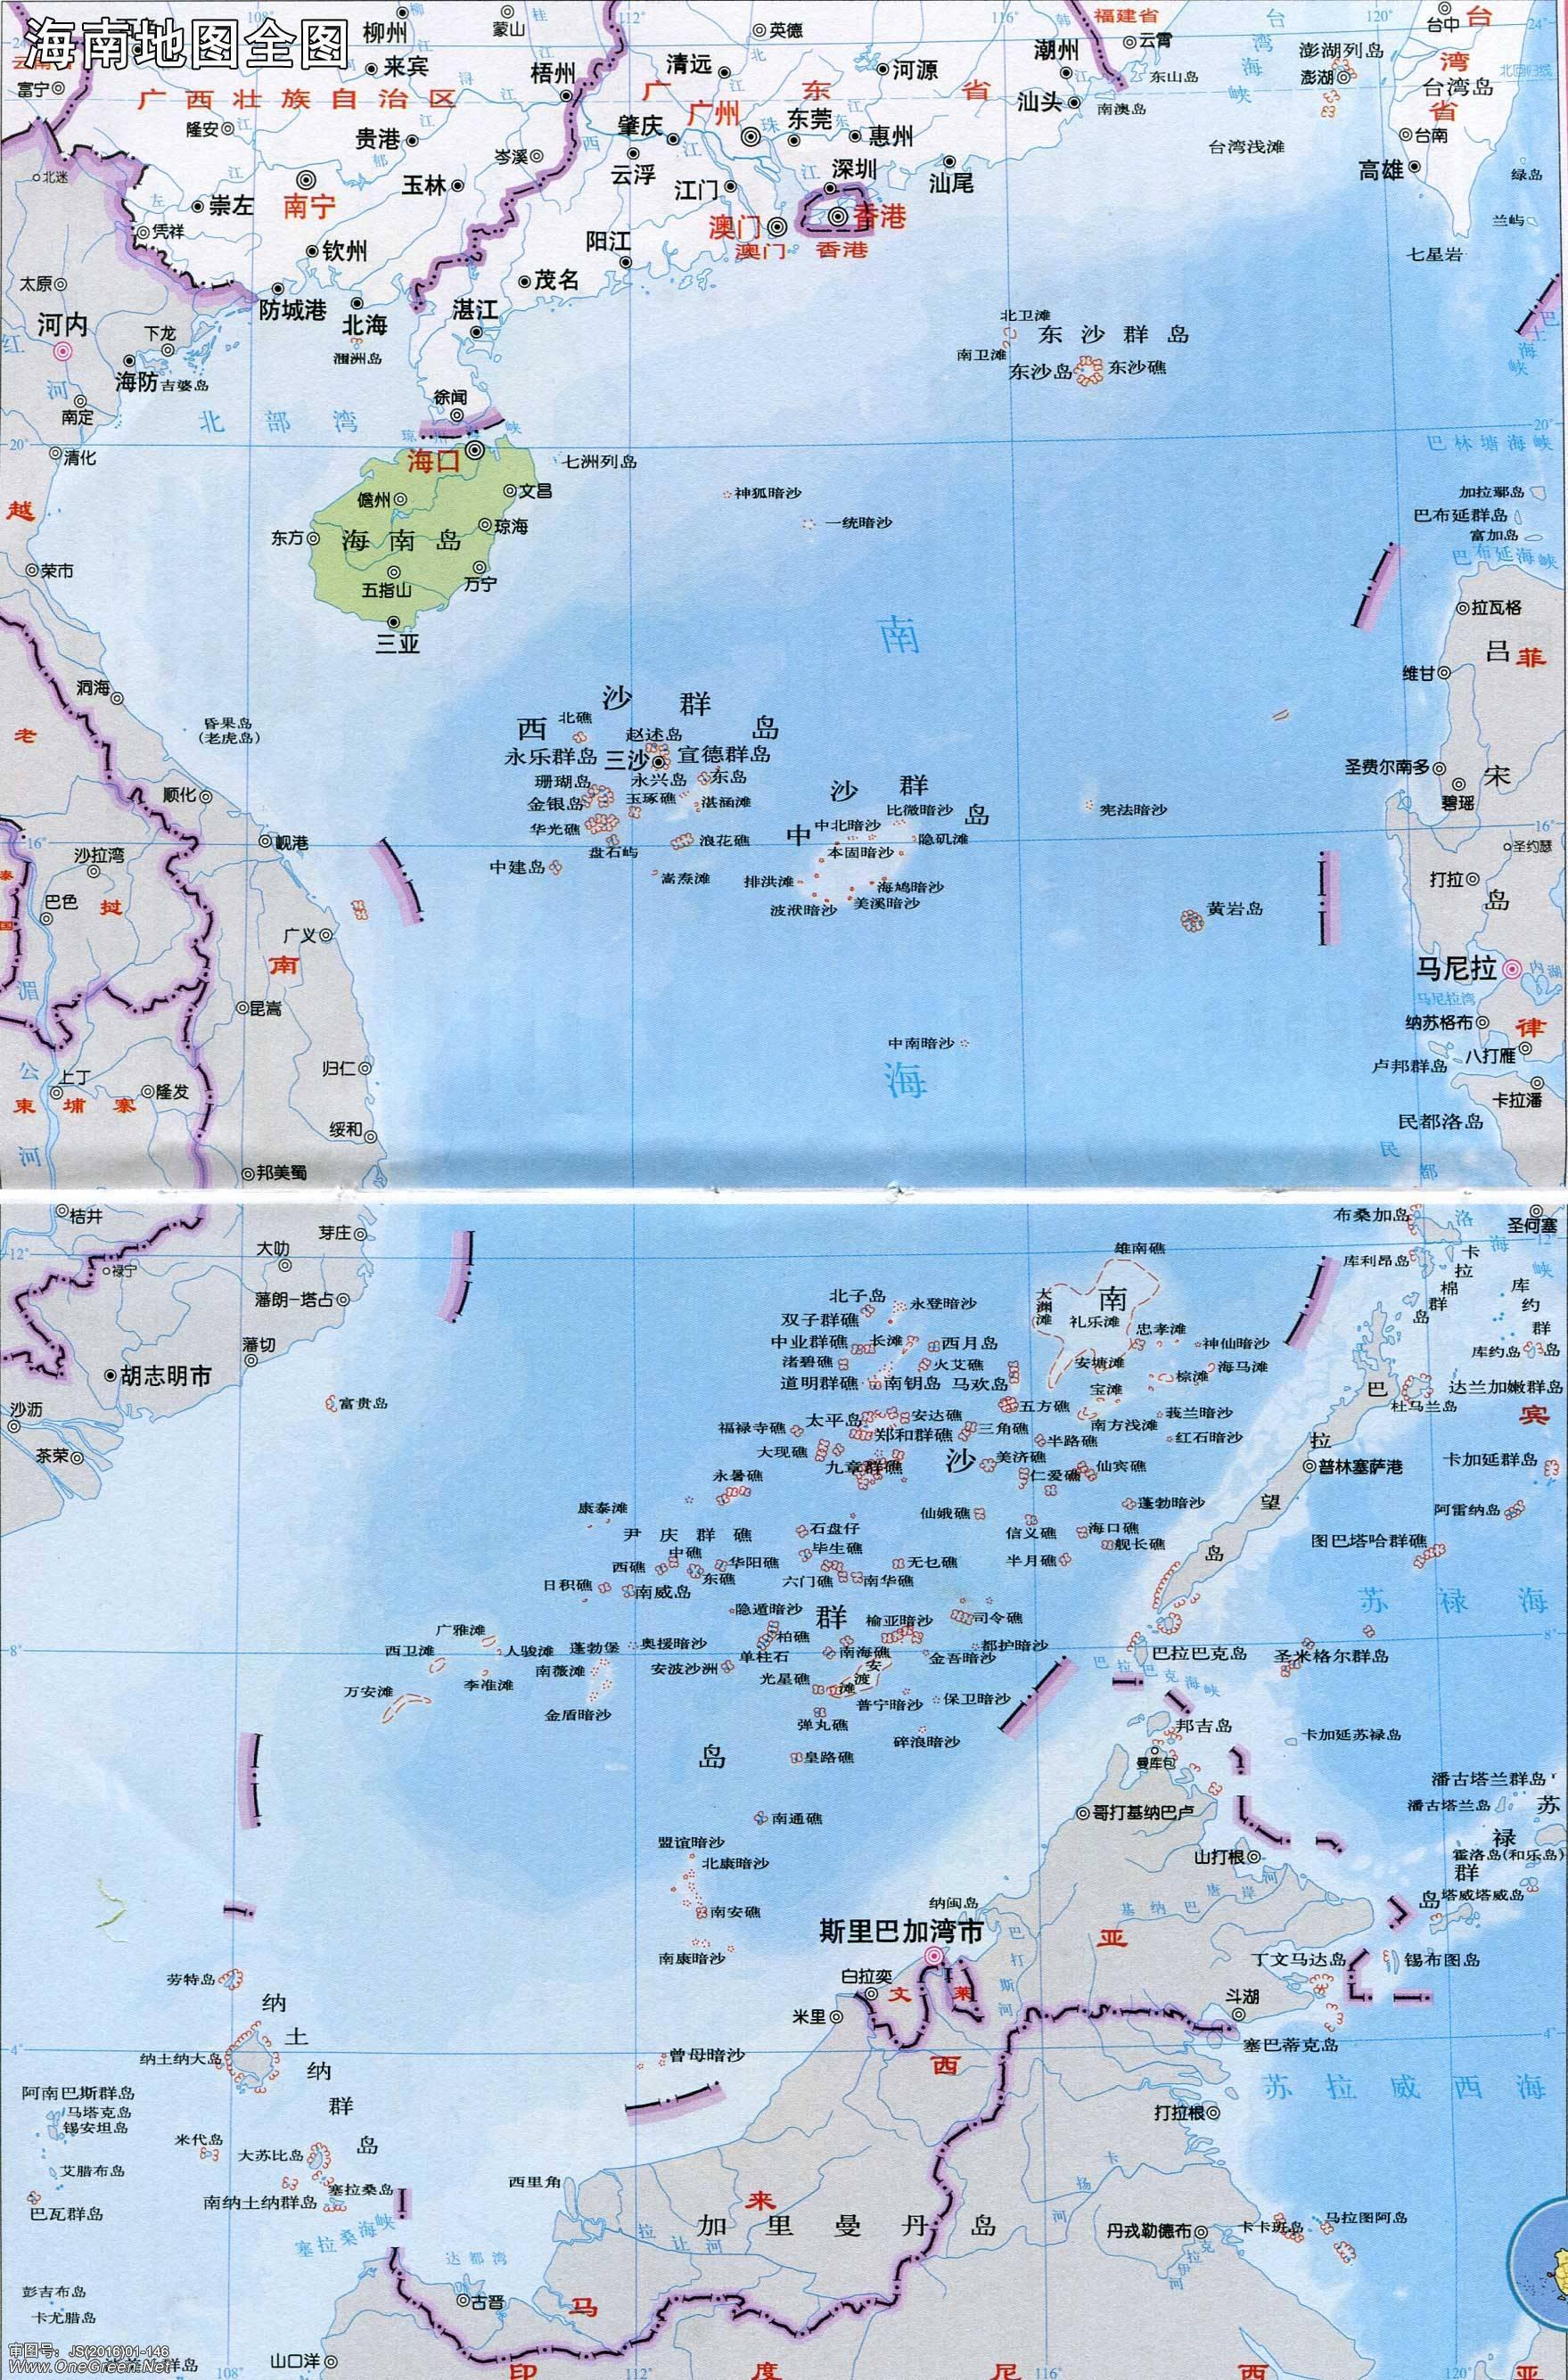 海南省高速公路地图